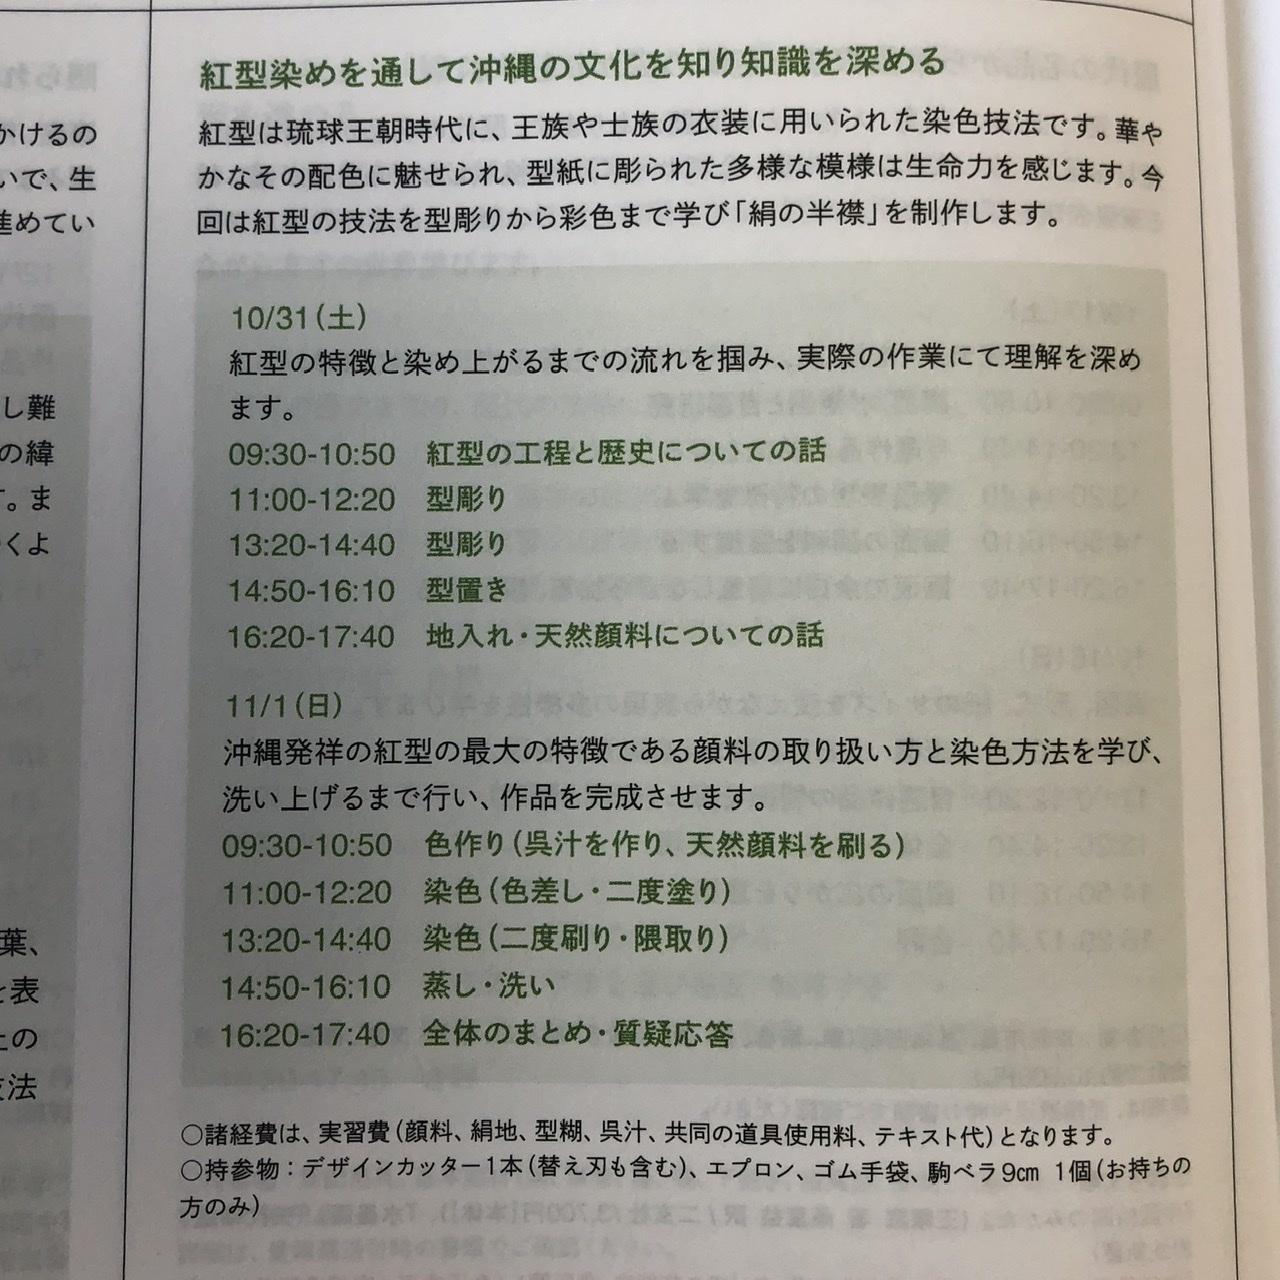 京都芸術大学の藝術学舎で講座しますよ🎶_a0079315_09360654.jpeg